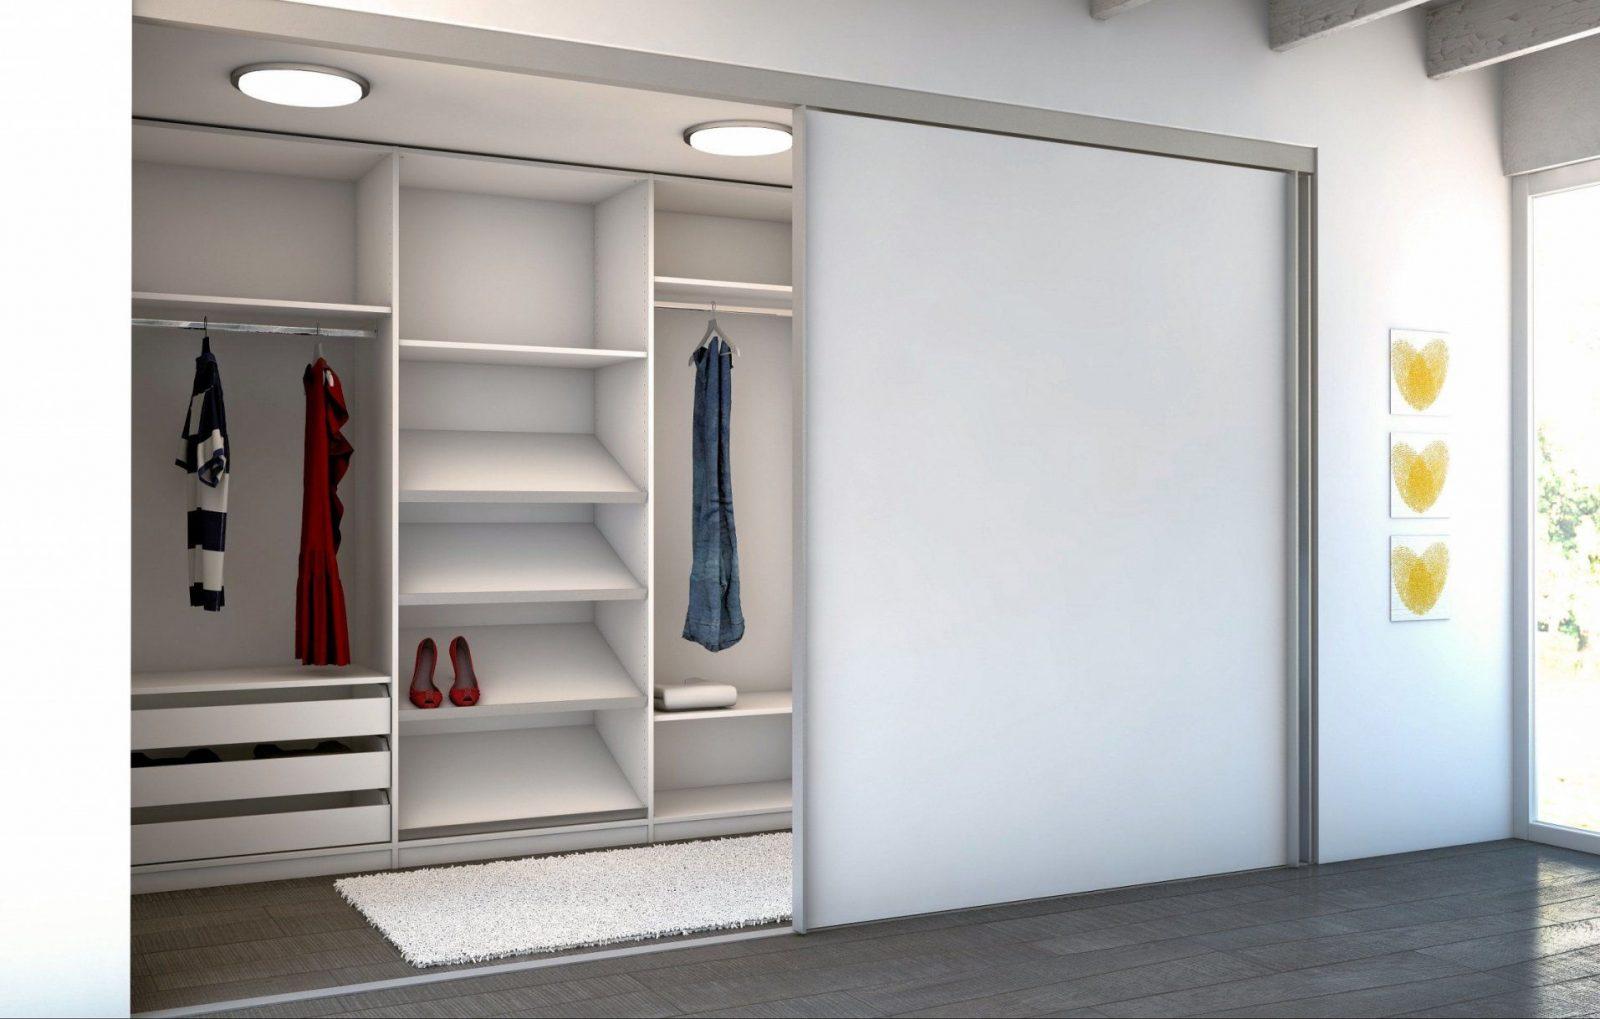 Kleiderschrank Mit Schiebeturen Ikea Bostrak 45 Euro Mit Bildern